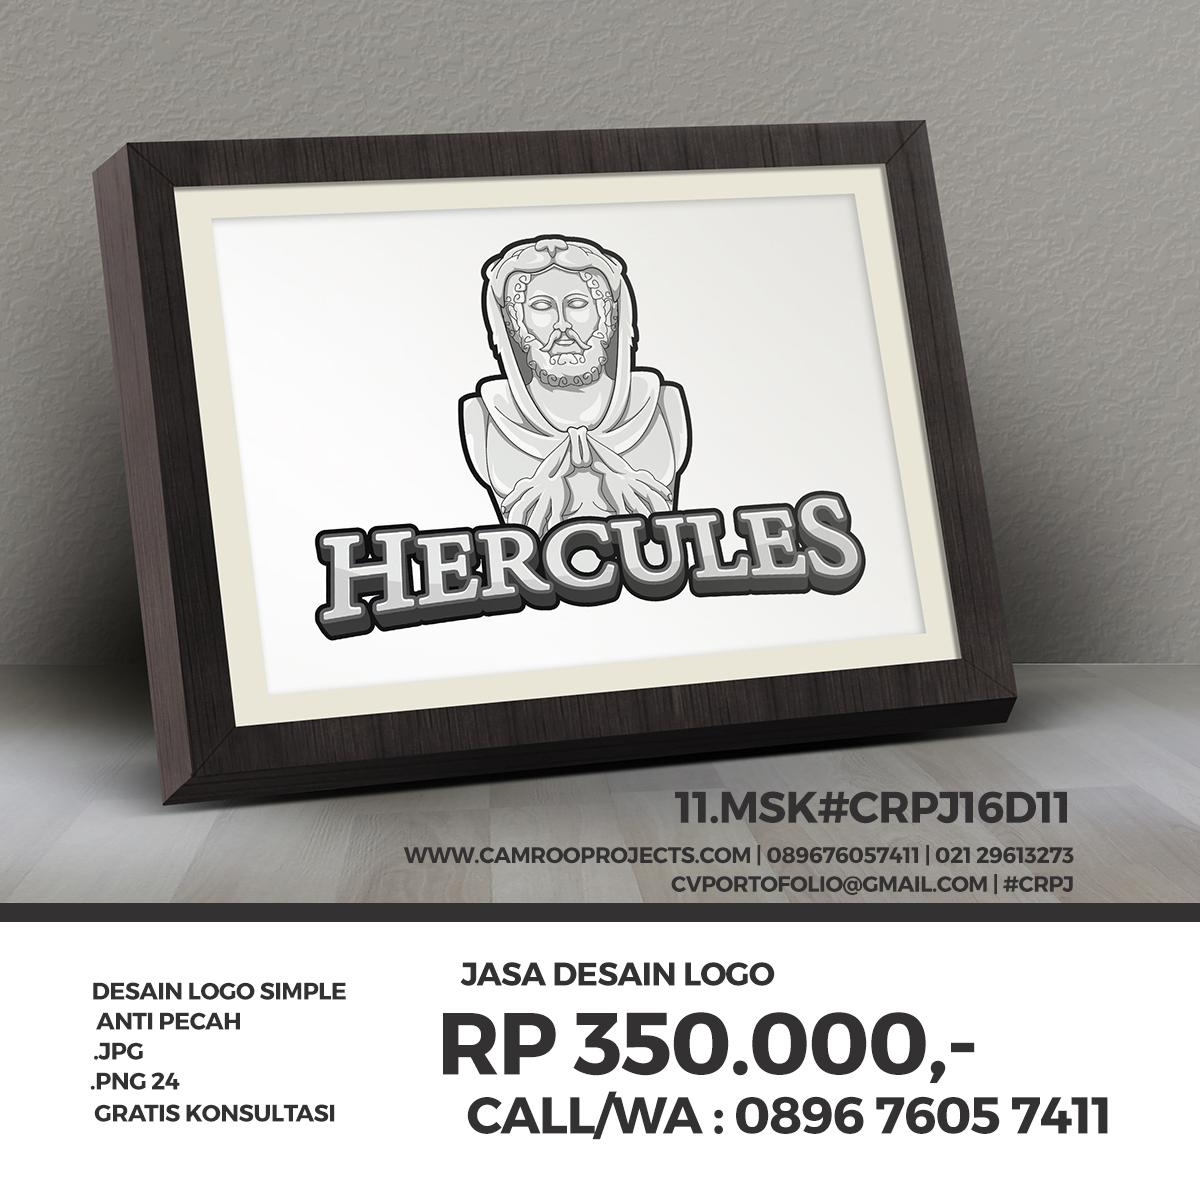 Jasa Cetak Grafis professional di Bogor